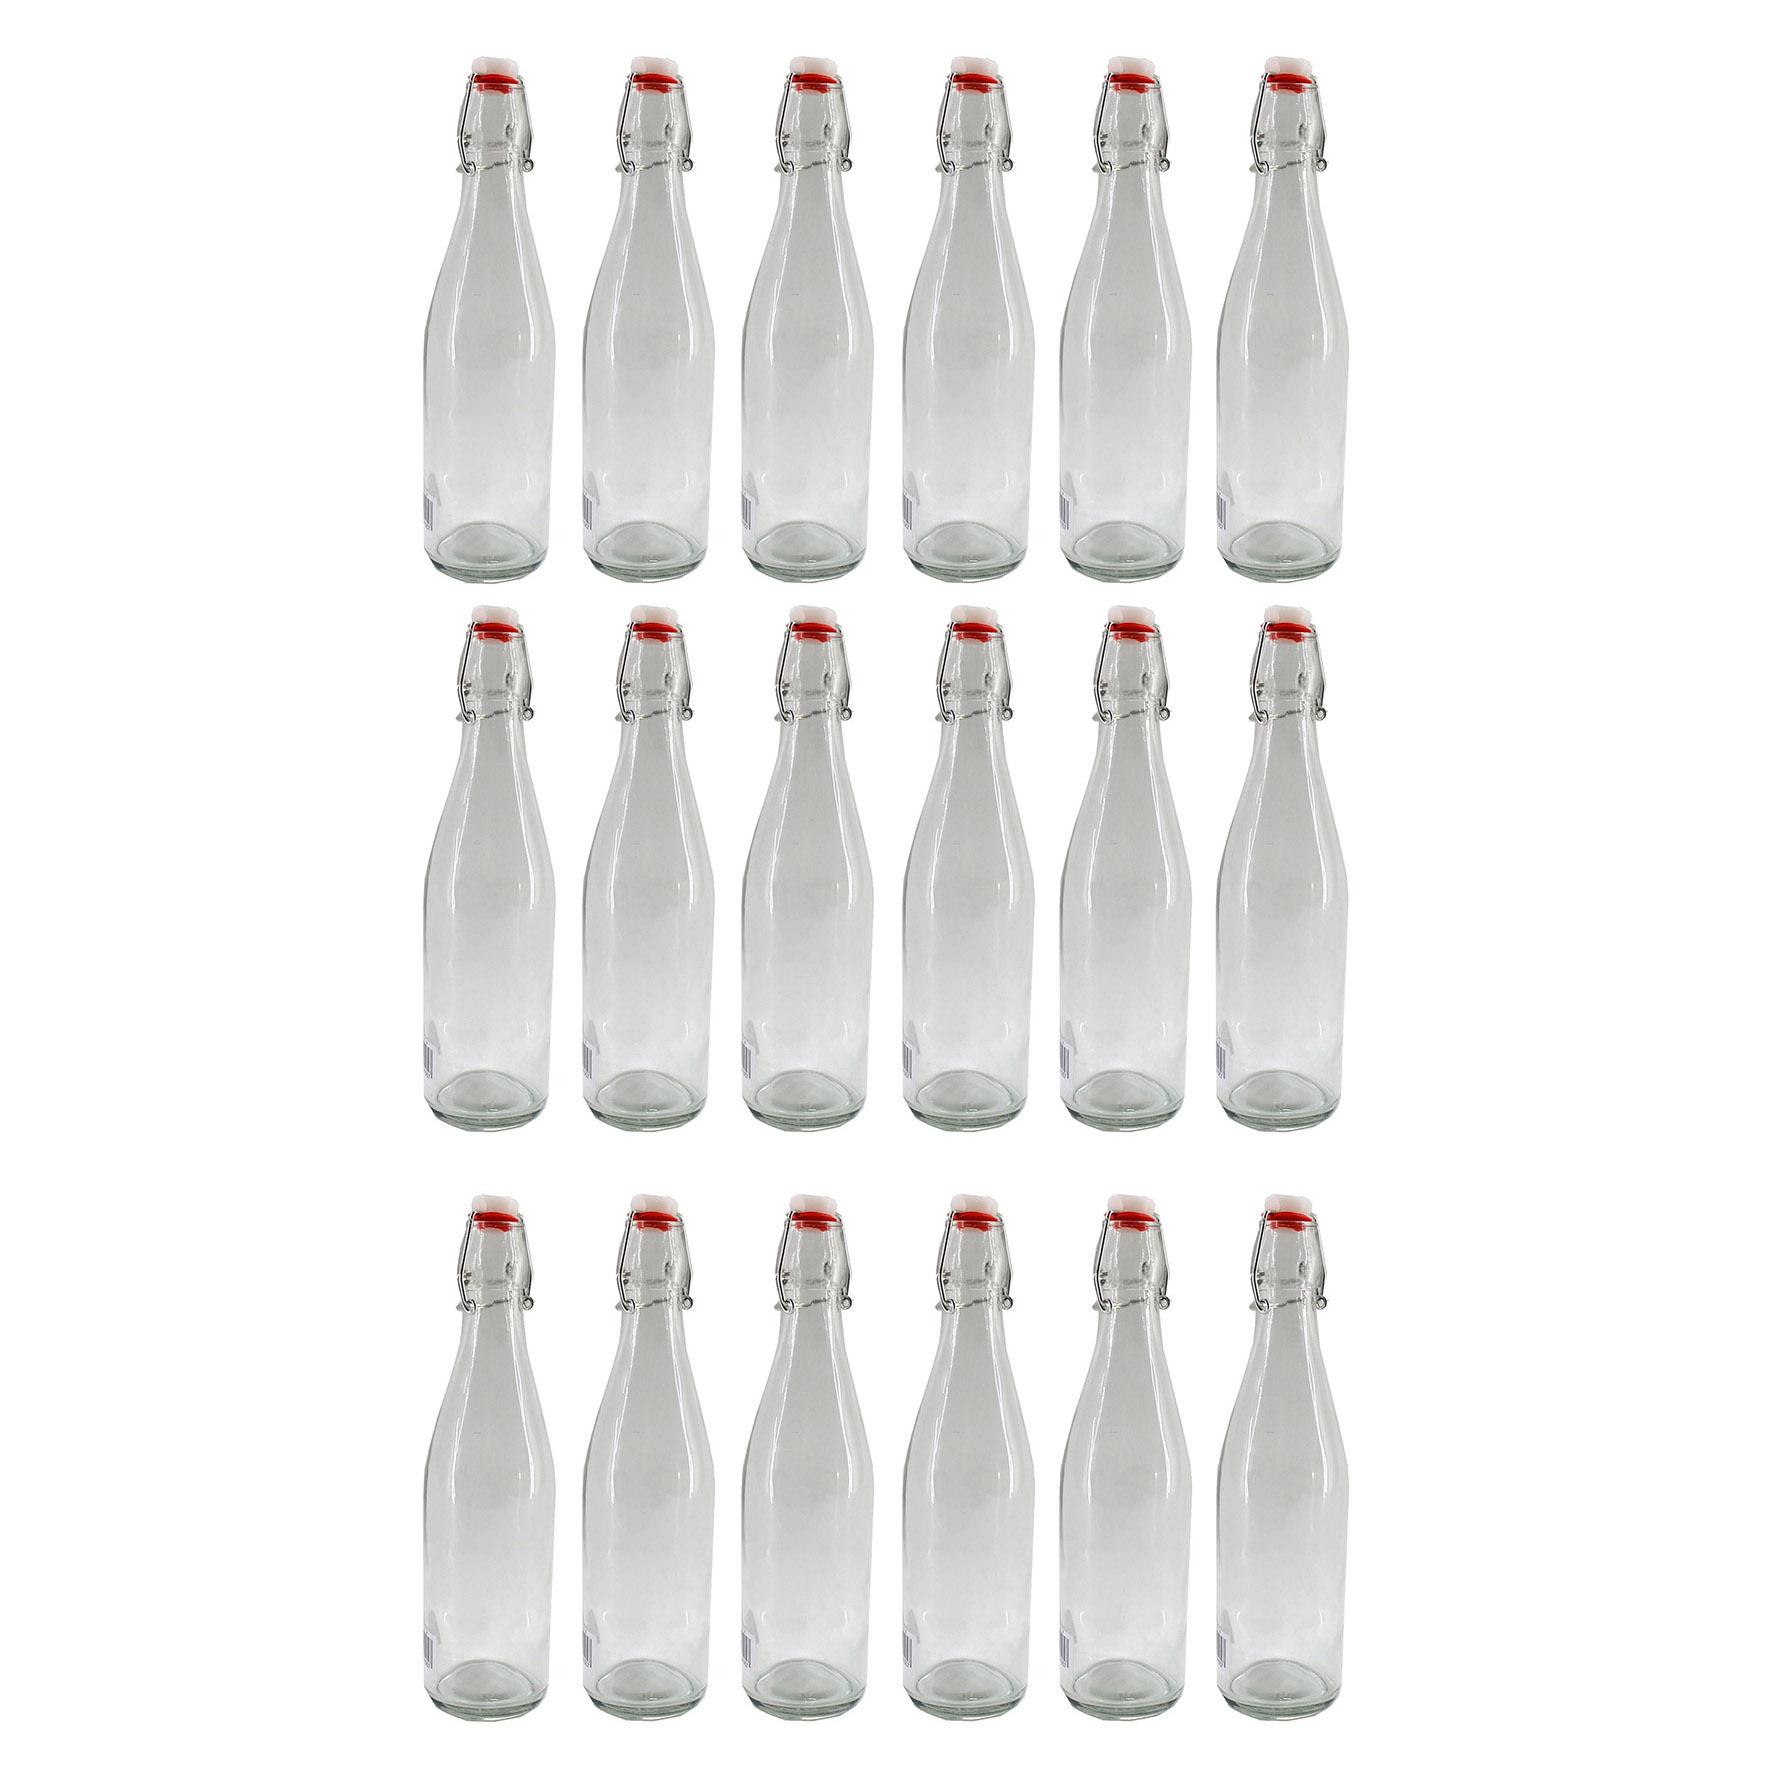 18 x flasche mit b gelverschluss 500 ml annastore. Black Bedroom Furniture Sets. Home Design Ideas